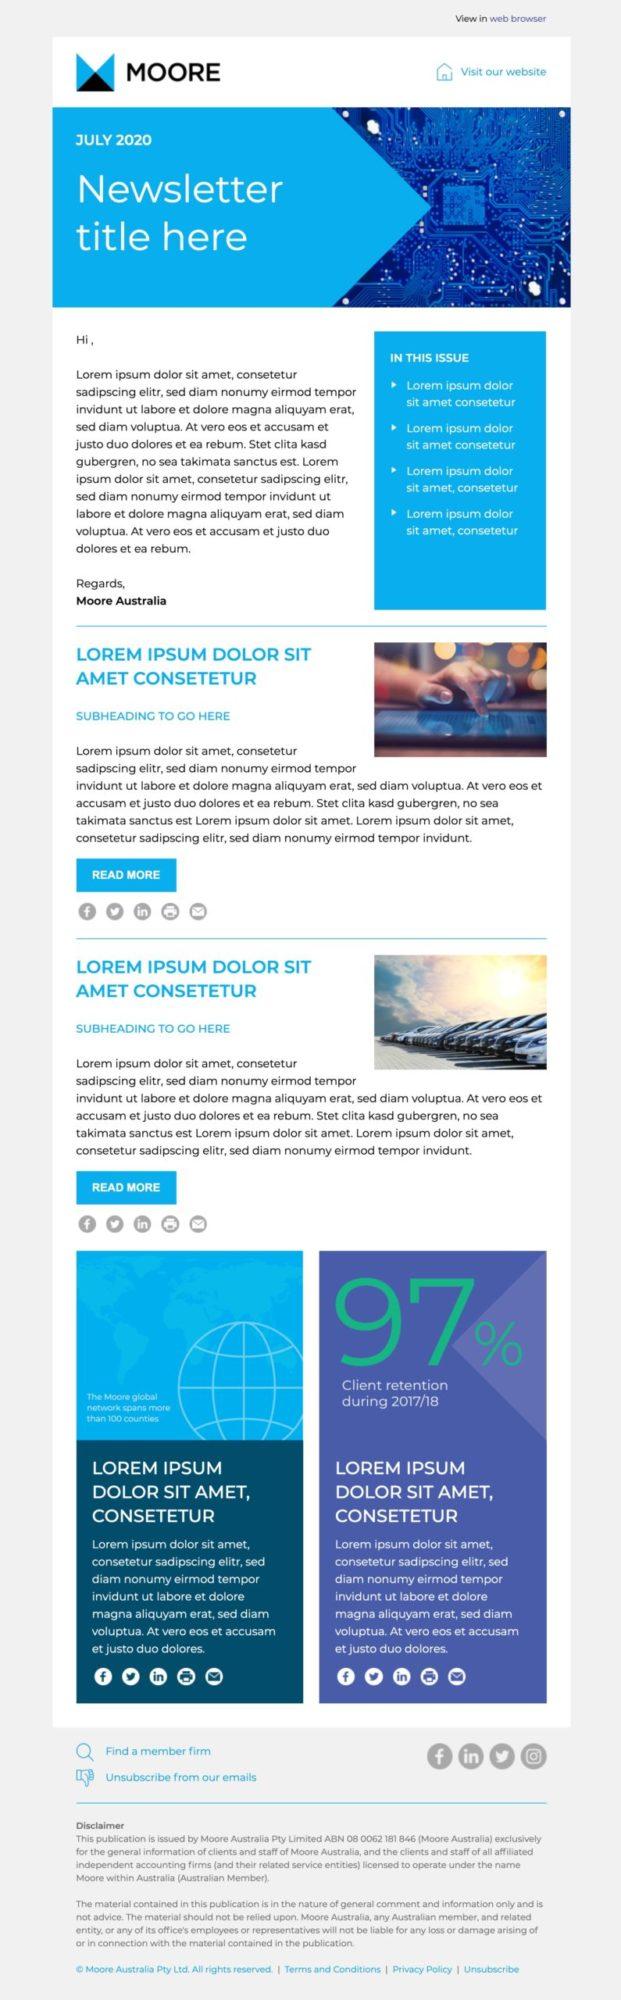 Moore Australia Newsletter